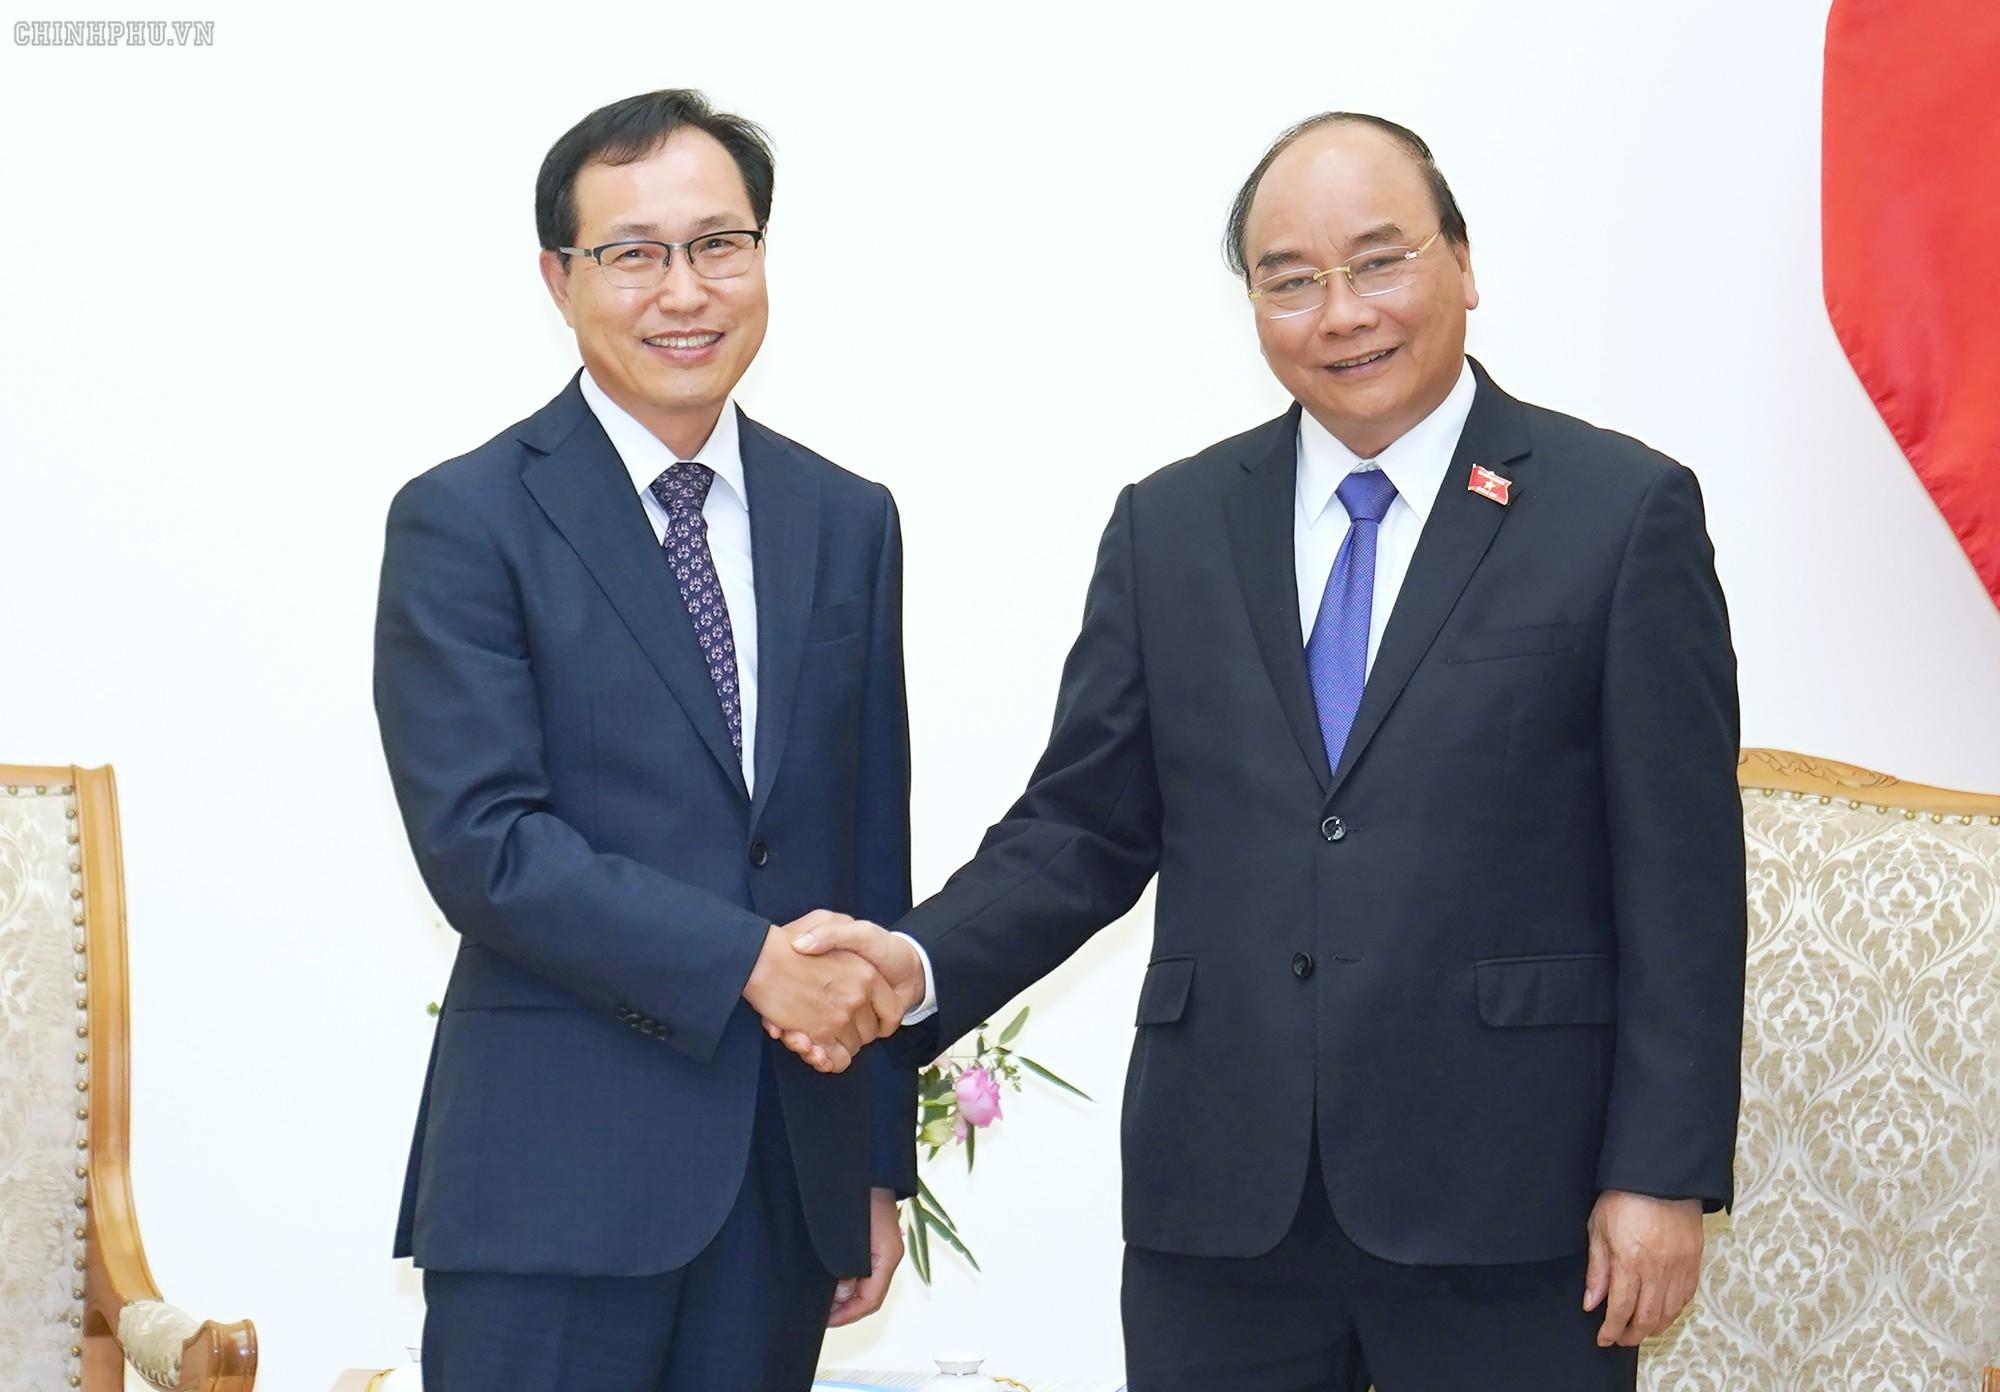 Thủ tướng ủng hộ Samsung xây dựng trung tâm nghiên cứu và phát triển tại Việt Nam - Ảnh 1.